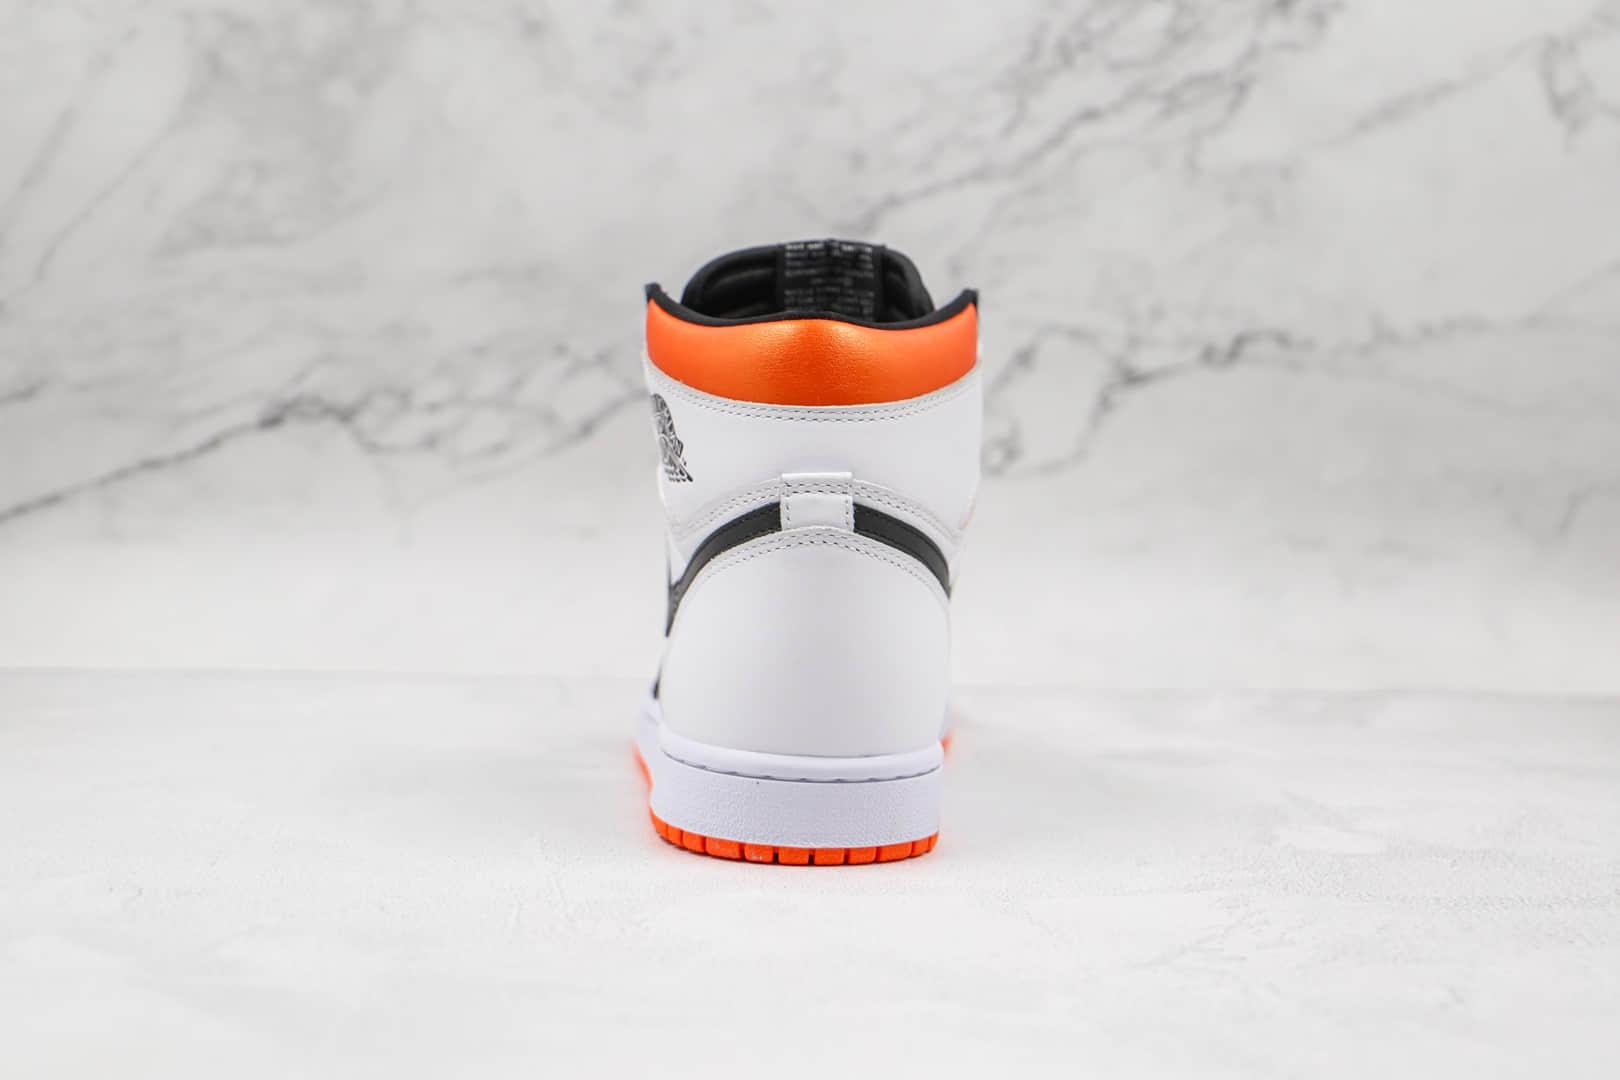 乔丹Air Jordan 1 High OG Black Toe Shattered Backboard纯原版本高帮AJ1白黑橙色扣碎篮球鞋原盒原标 货号:555088-180